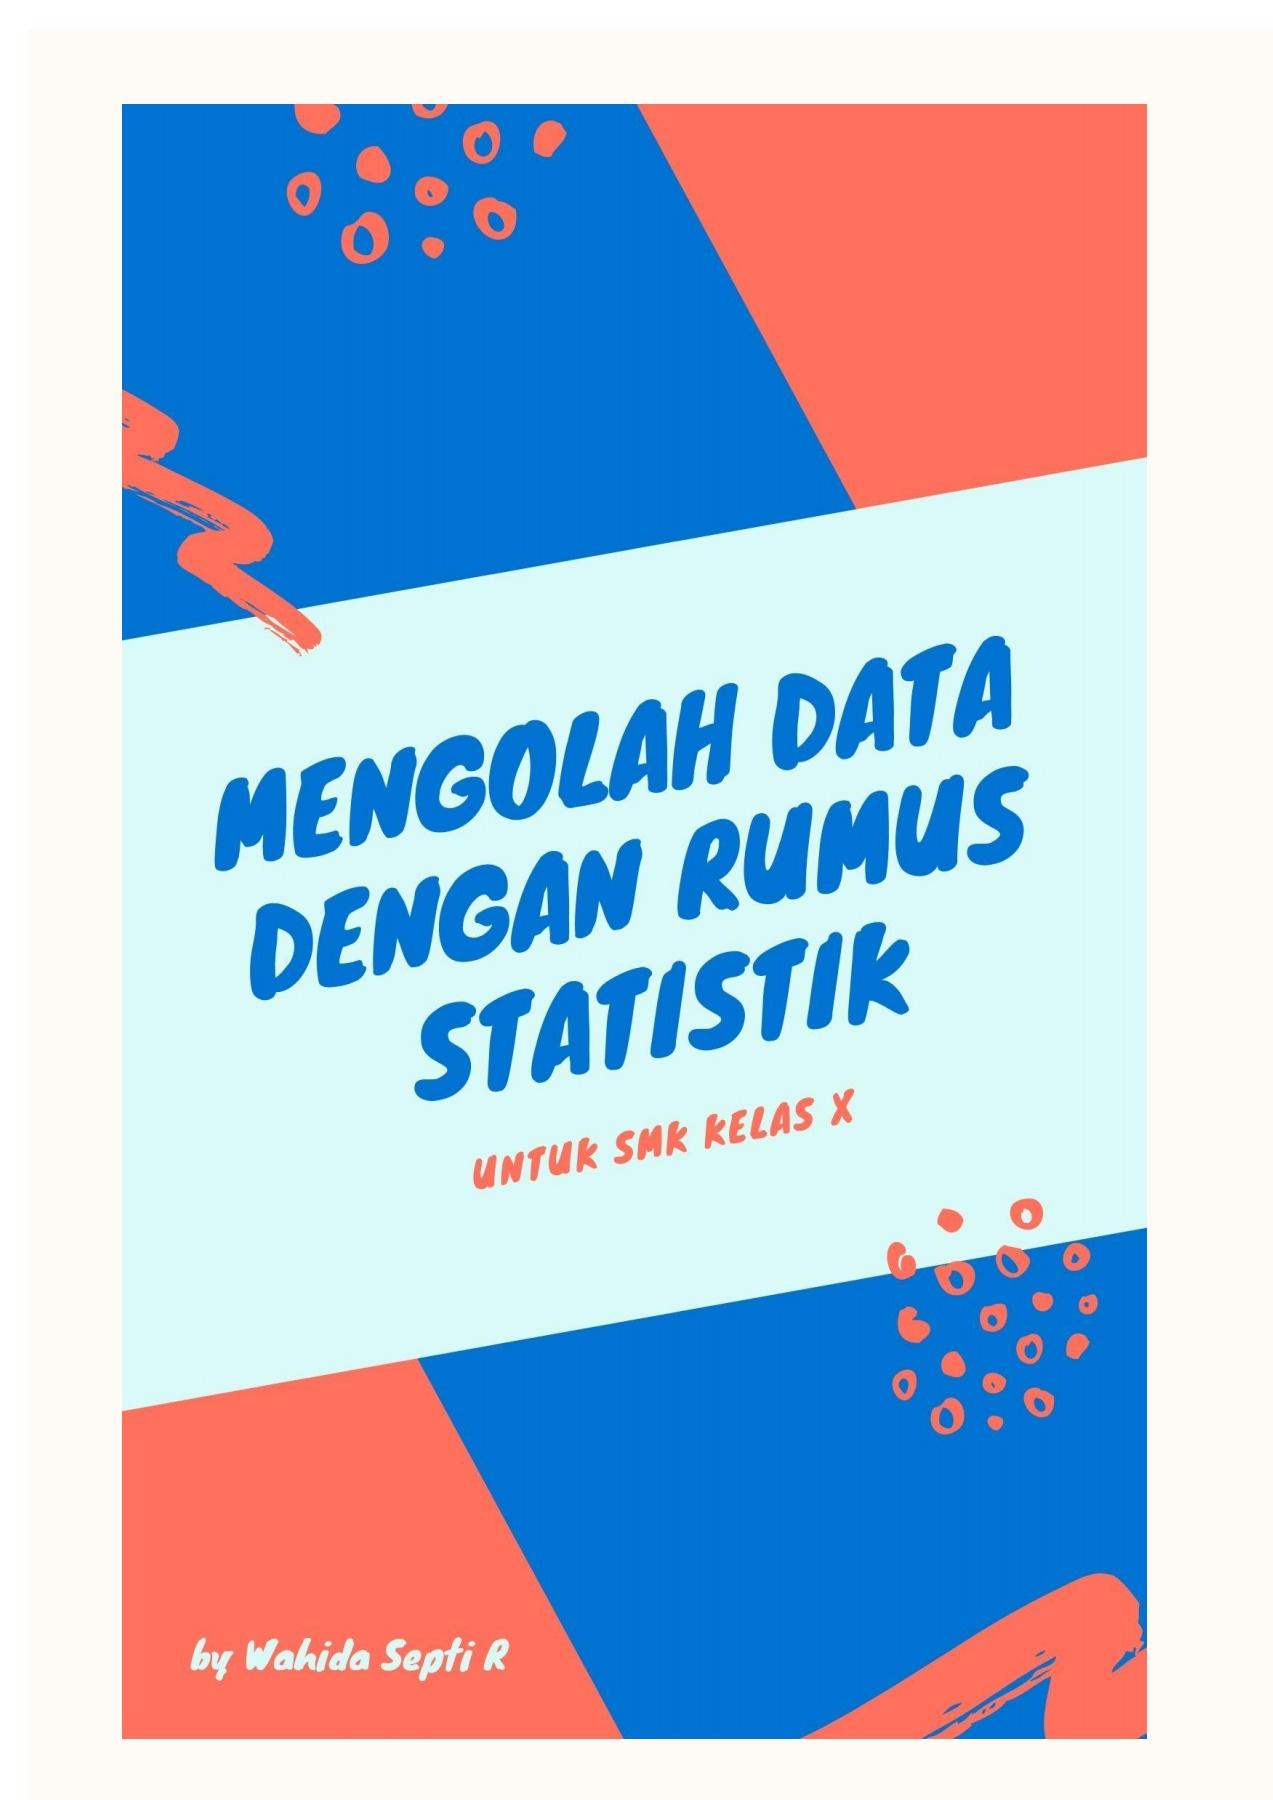 Rumus Fungsi Statistik : rumus, fungsi, statistik, FUNGSI, STATISTIK, MATERI